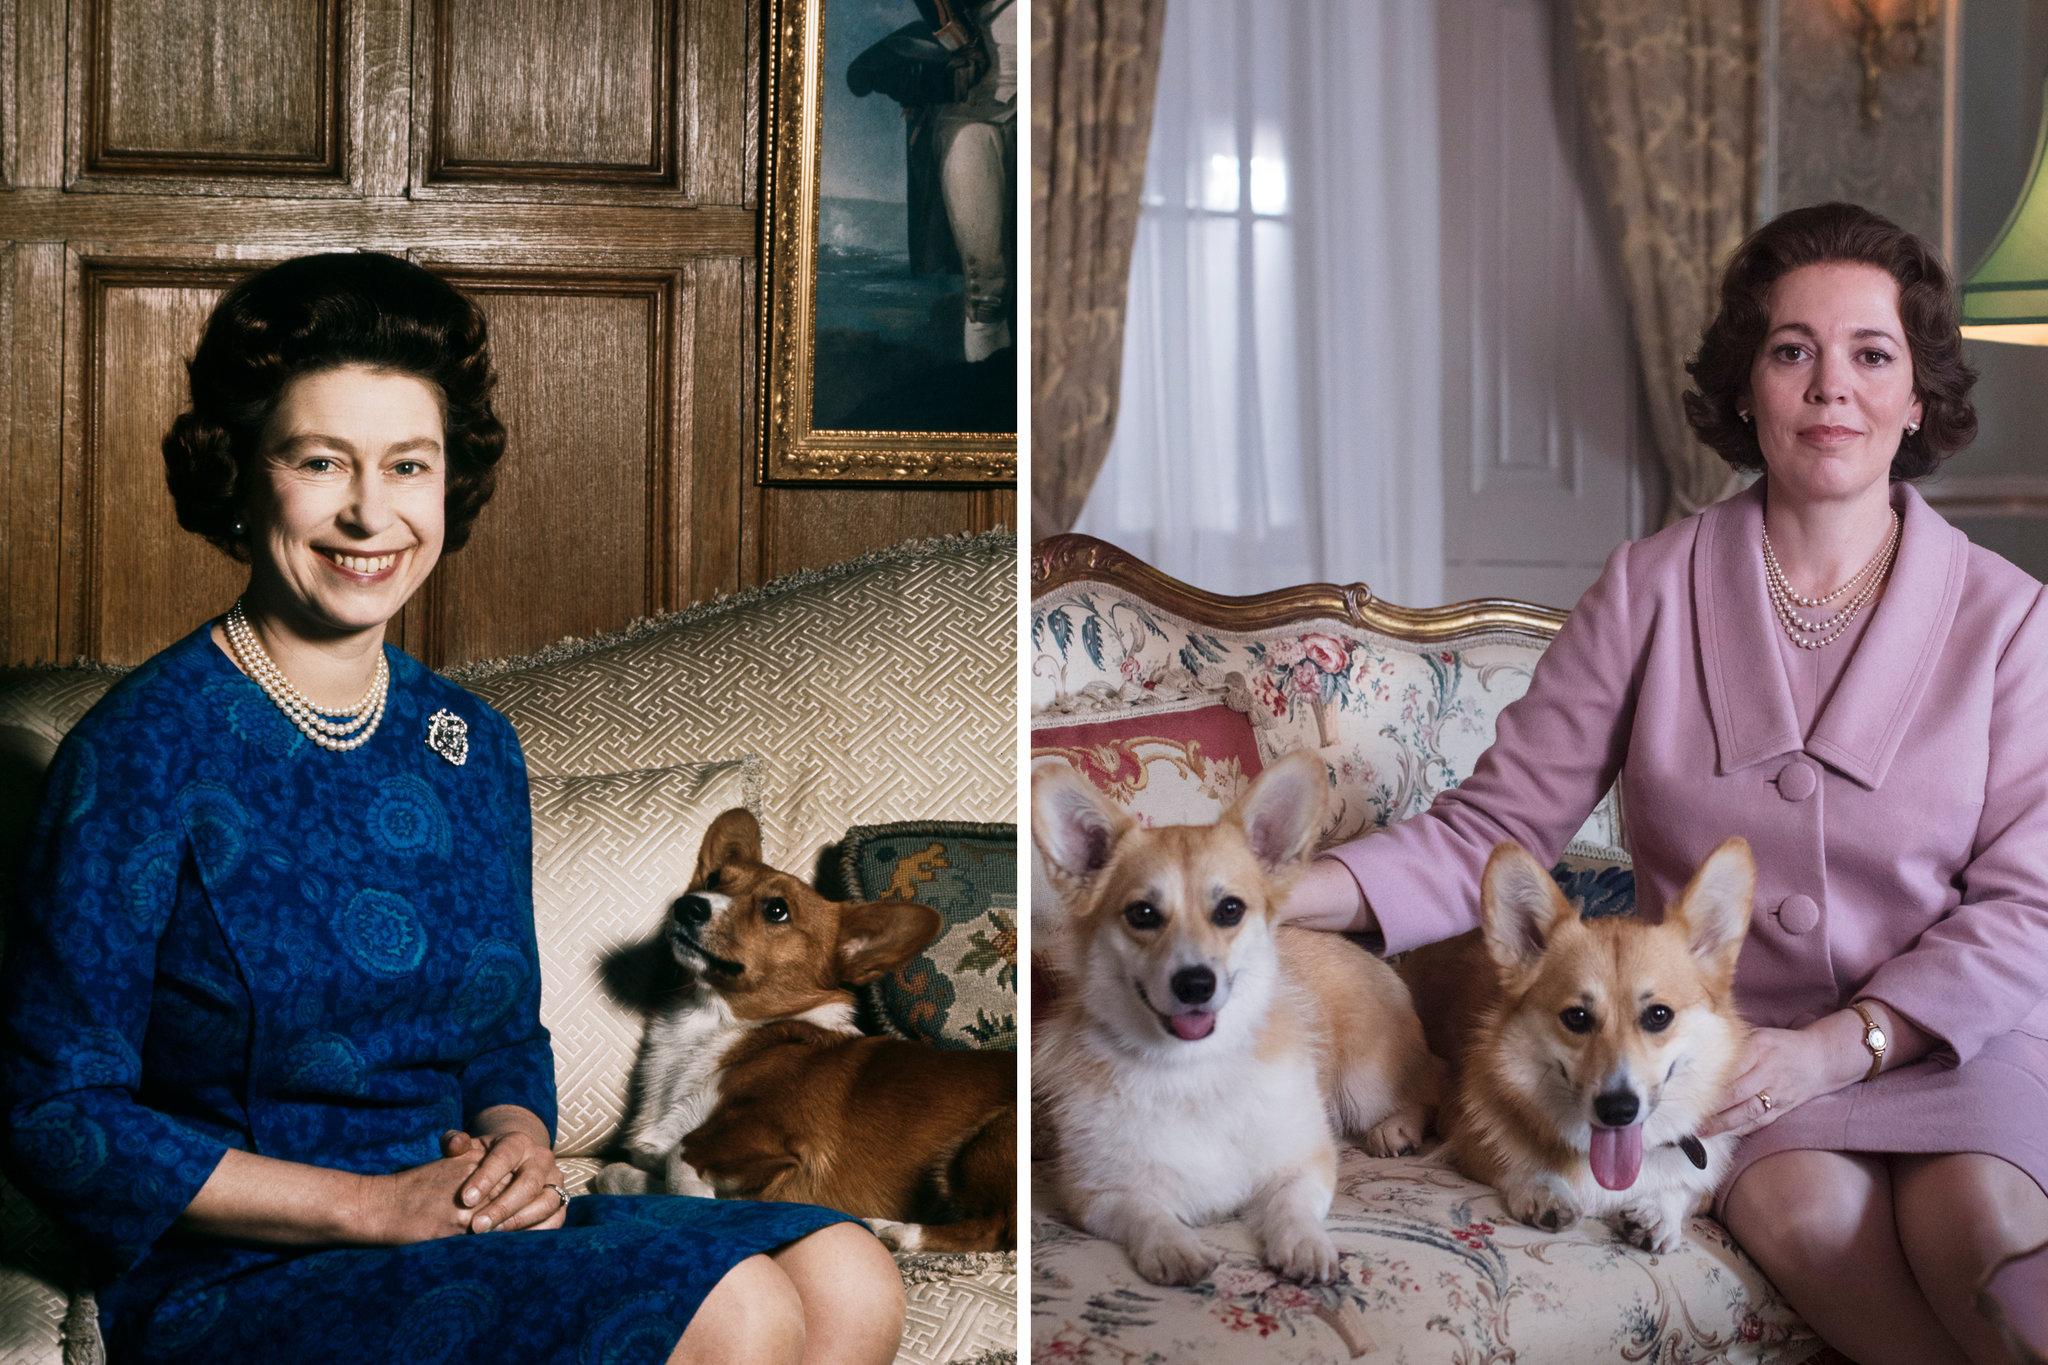 1970-е: королева Елизавета II в жизни (слева) и в 3 сезоне сериала «Корона» (справа). Фото: Fox Photos / Hulton Archive / Getty Images; Des Willie / Netflix